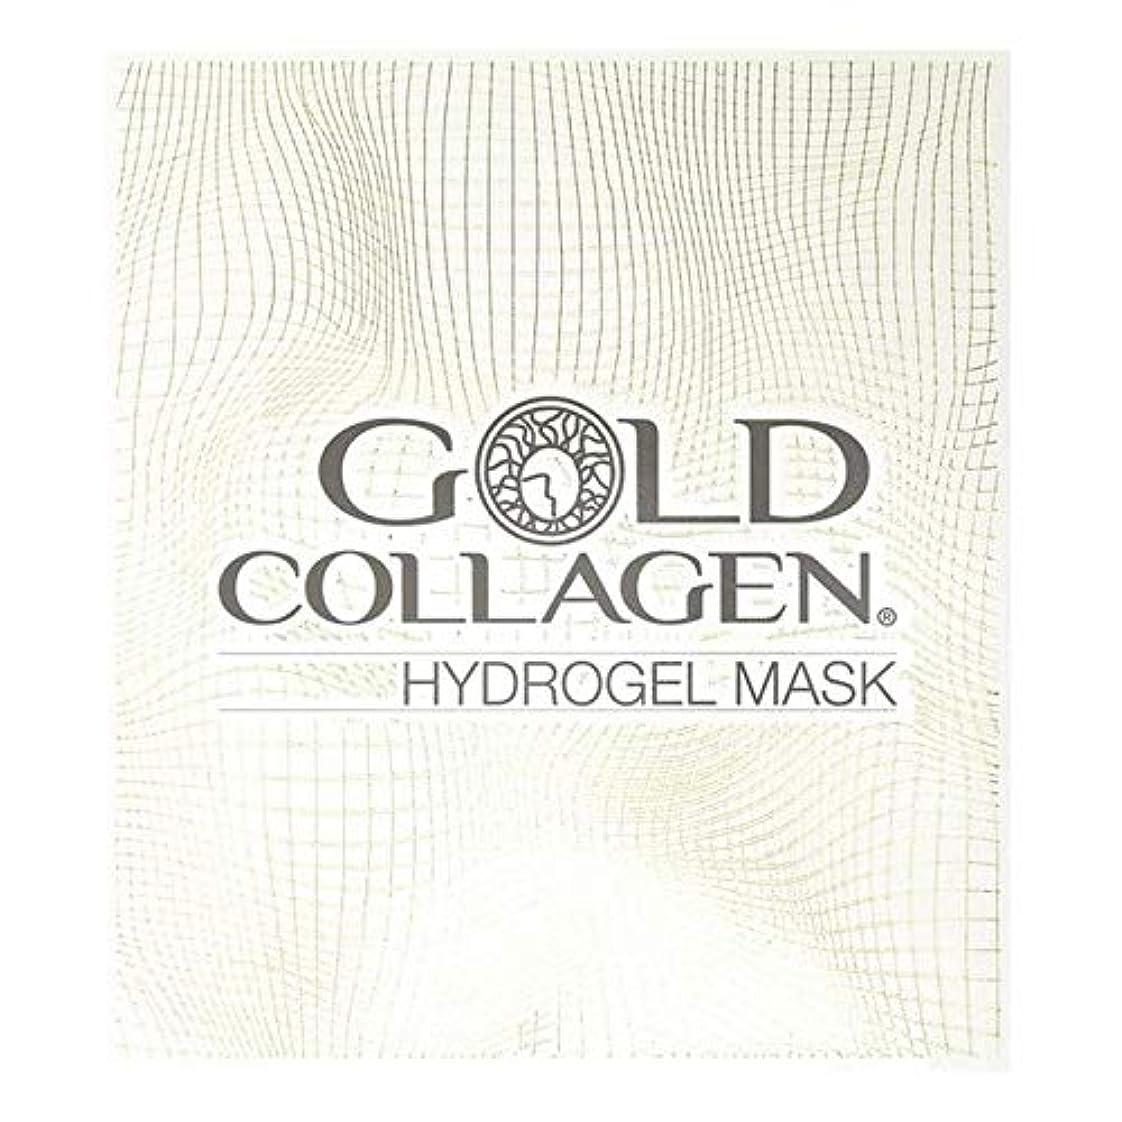 紳士気取りの、きざな正しく全体[Gold Collagen] ハイドロゲルフェイスマスク - Hydrogel Face Mask [並行輸入品]